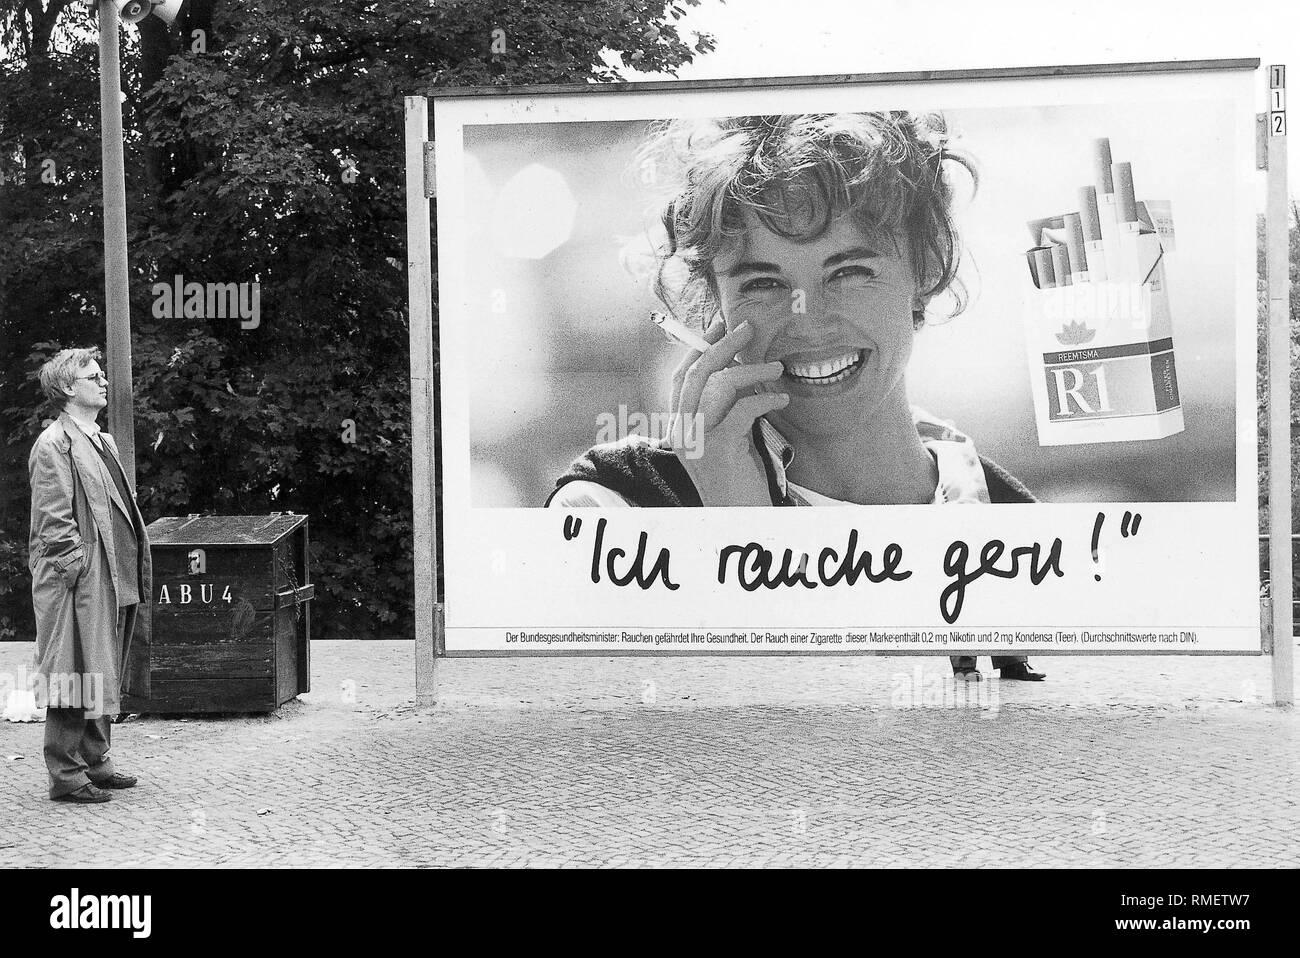 """Plakat werbung Zigaretten der Marke 'R1' in den 80er Jahren: """"Ich möchte rauchen!"""". Stockbild"""